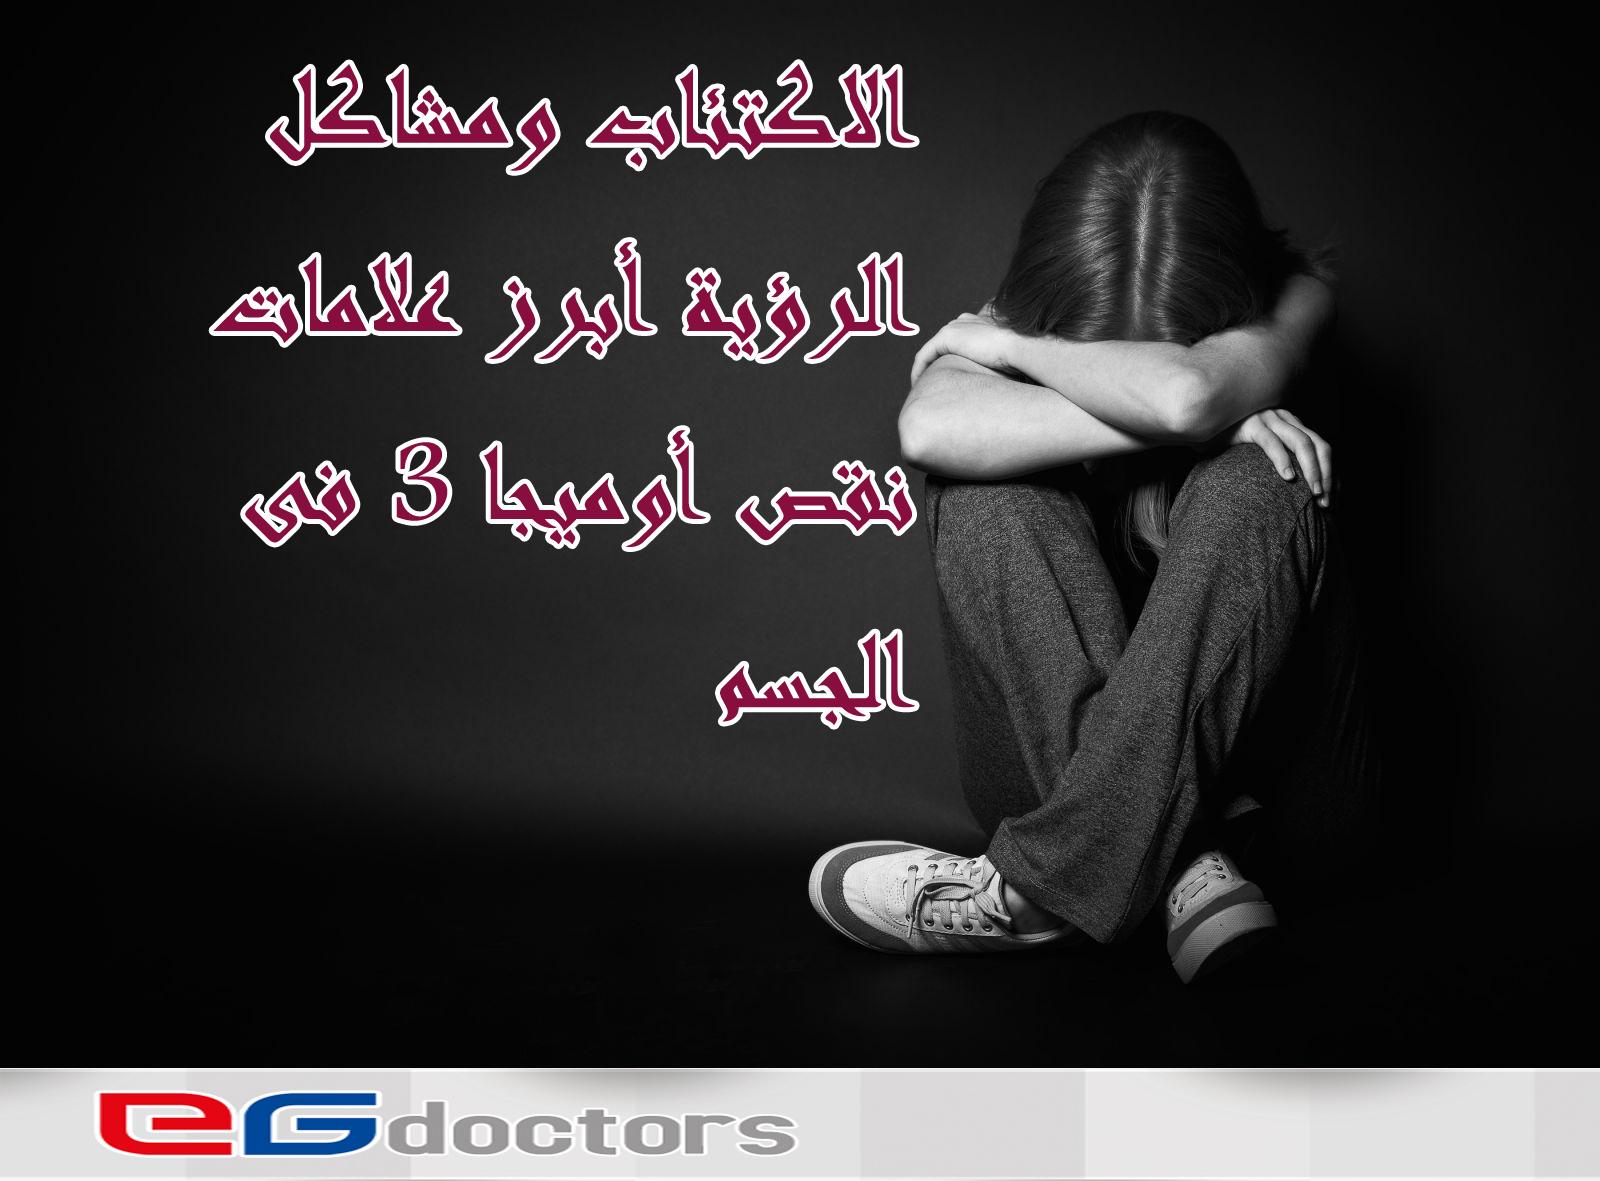 الاكتئاب ومشاكل الرؤية أبرز علامات نقص أوميجا 3 فى الجسم